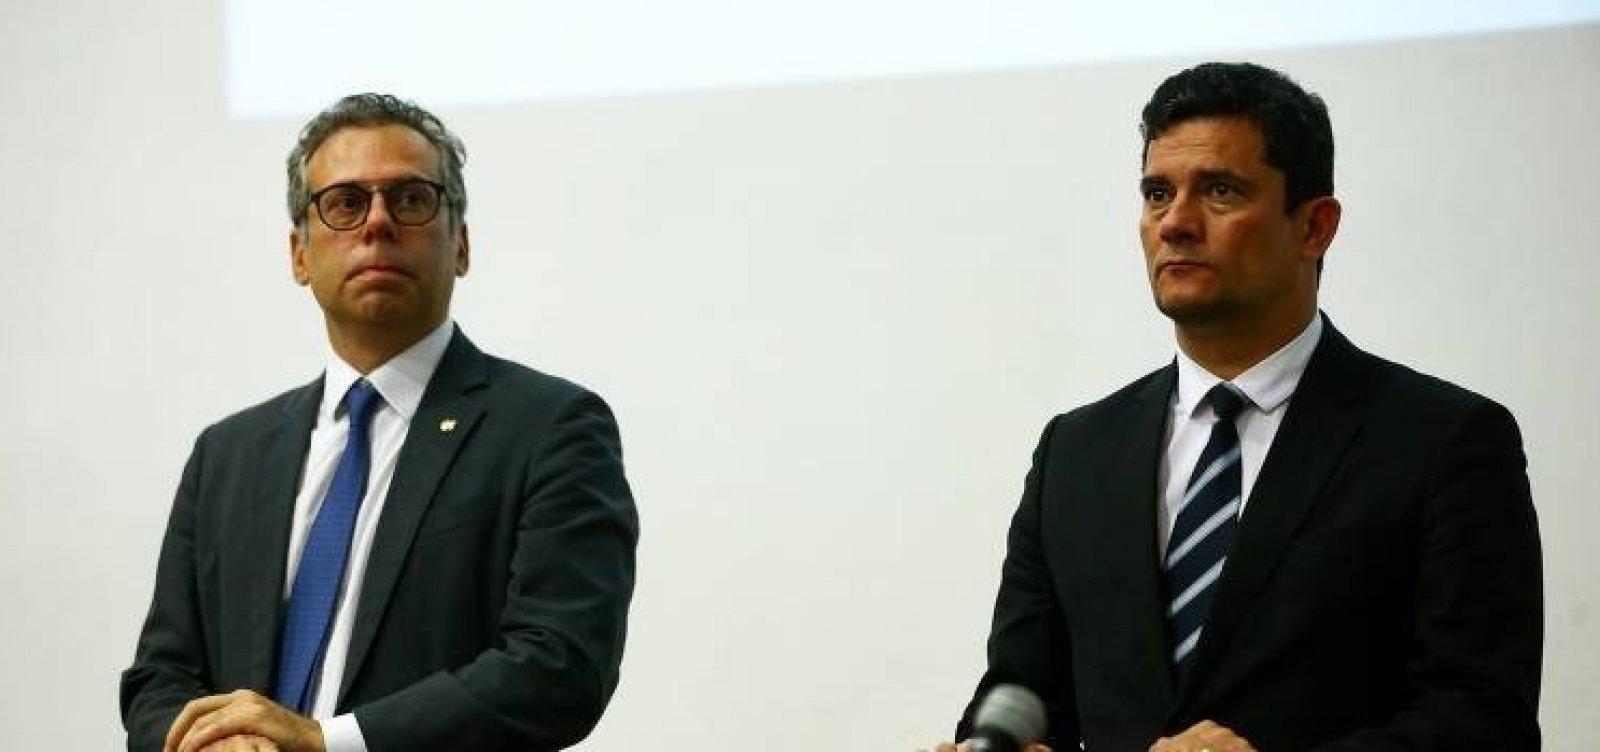 [Titular da Secretaria do Consumidor avisa que com a saída de Moro, colocará cargo à disposição]